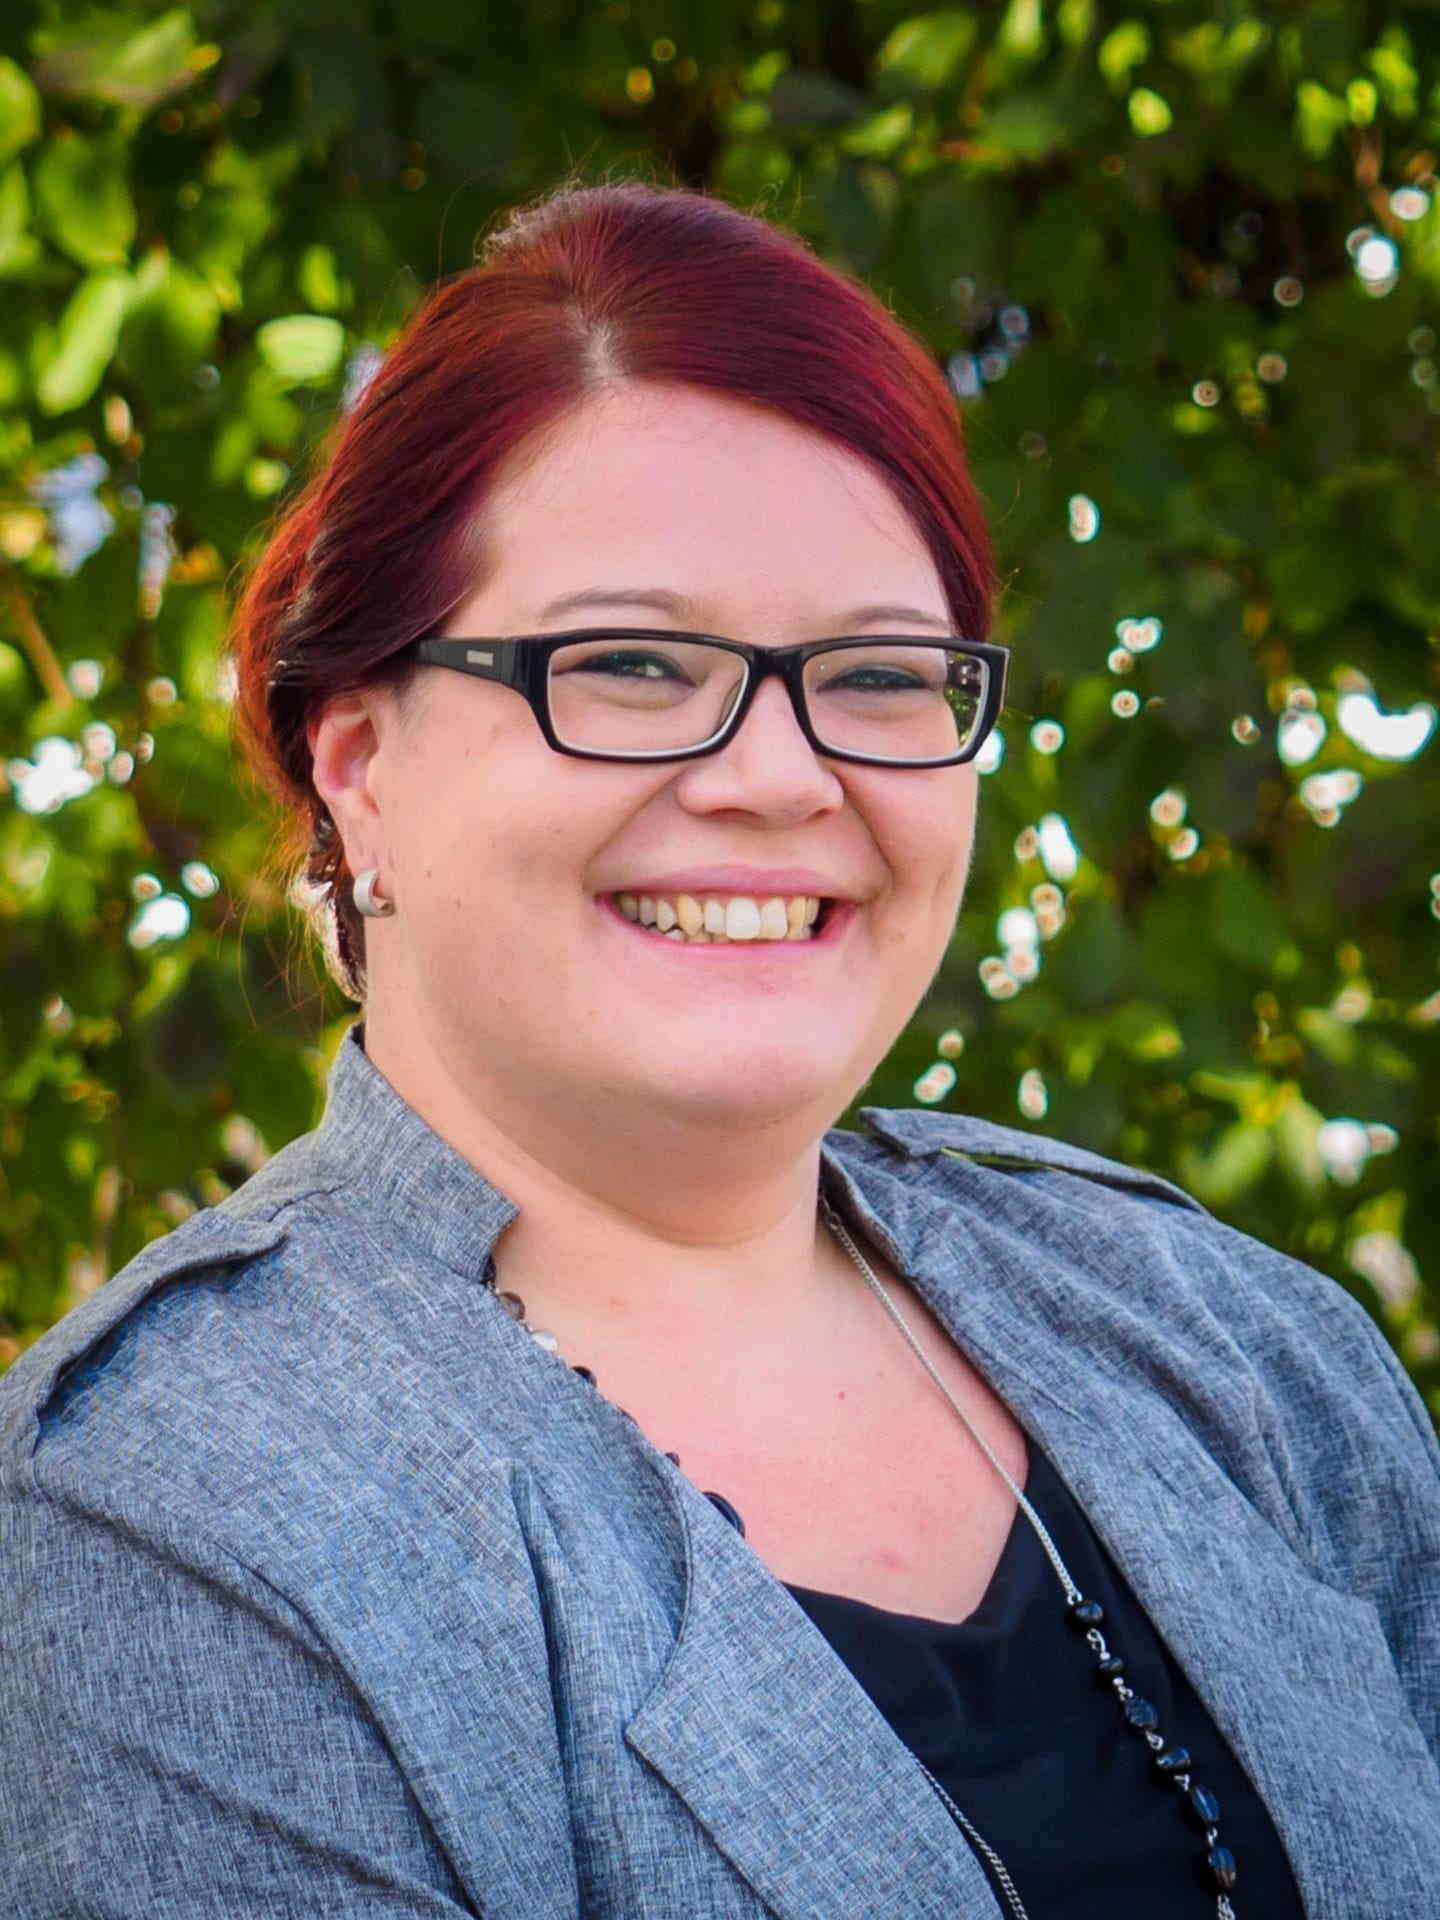 Sarah Lohr